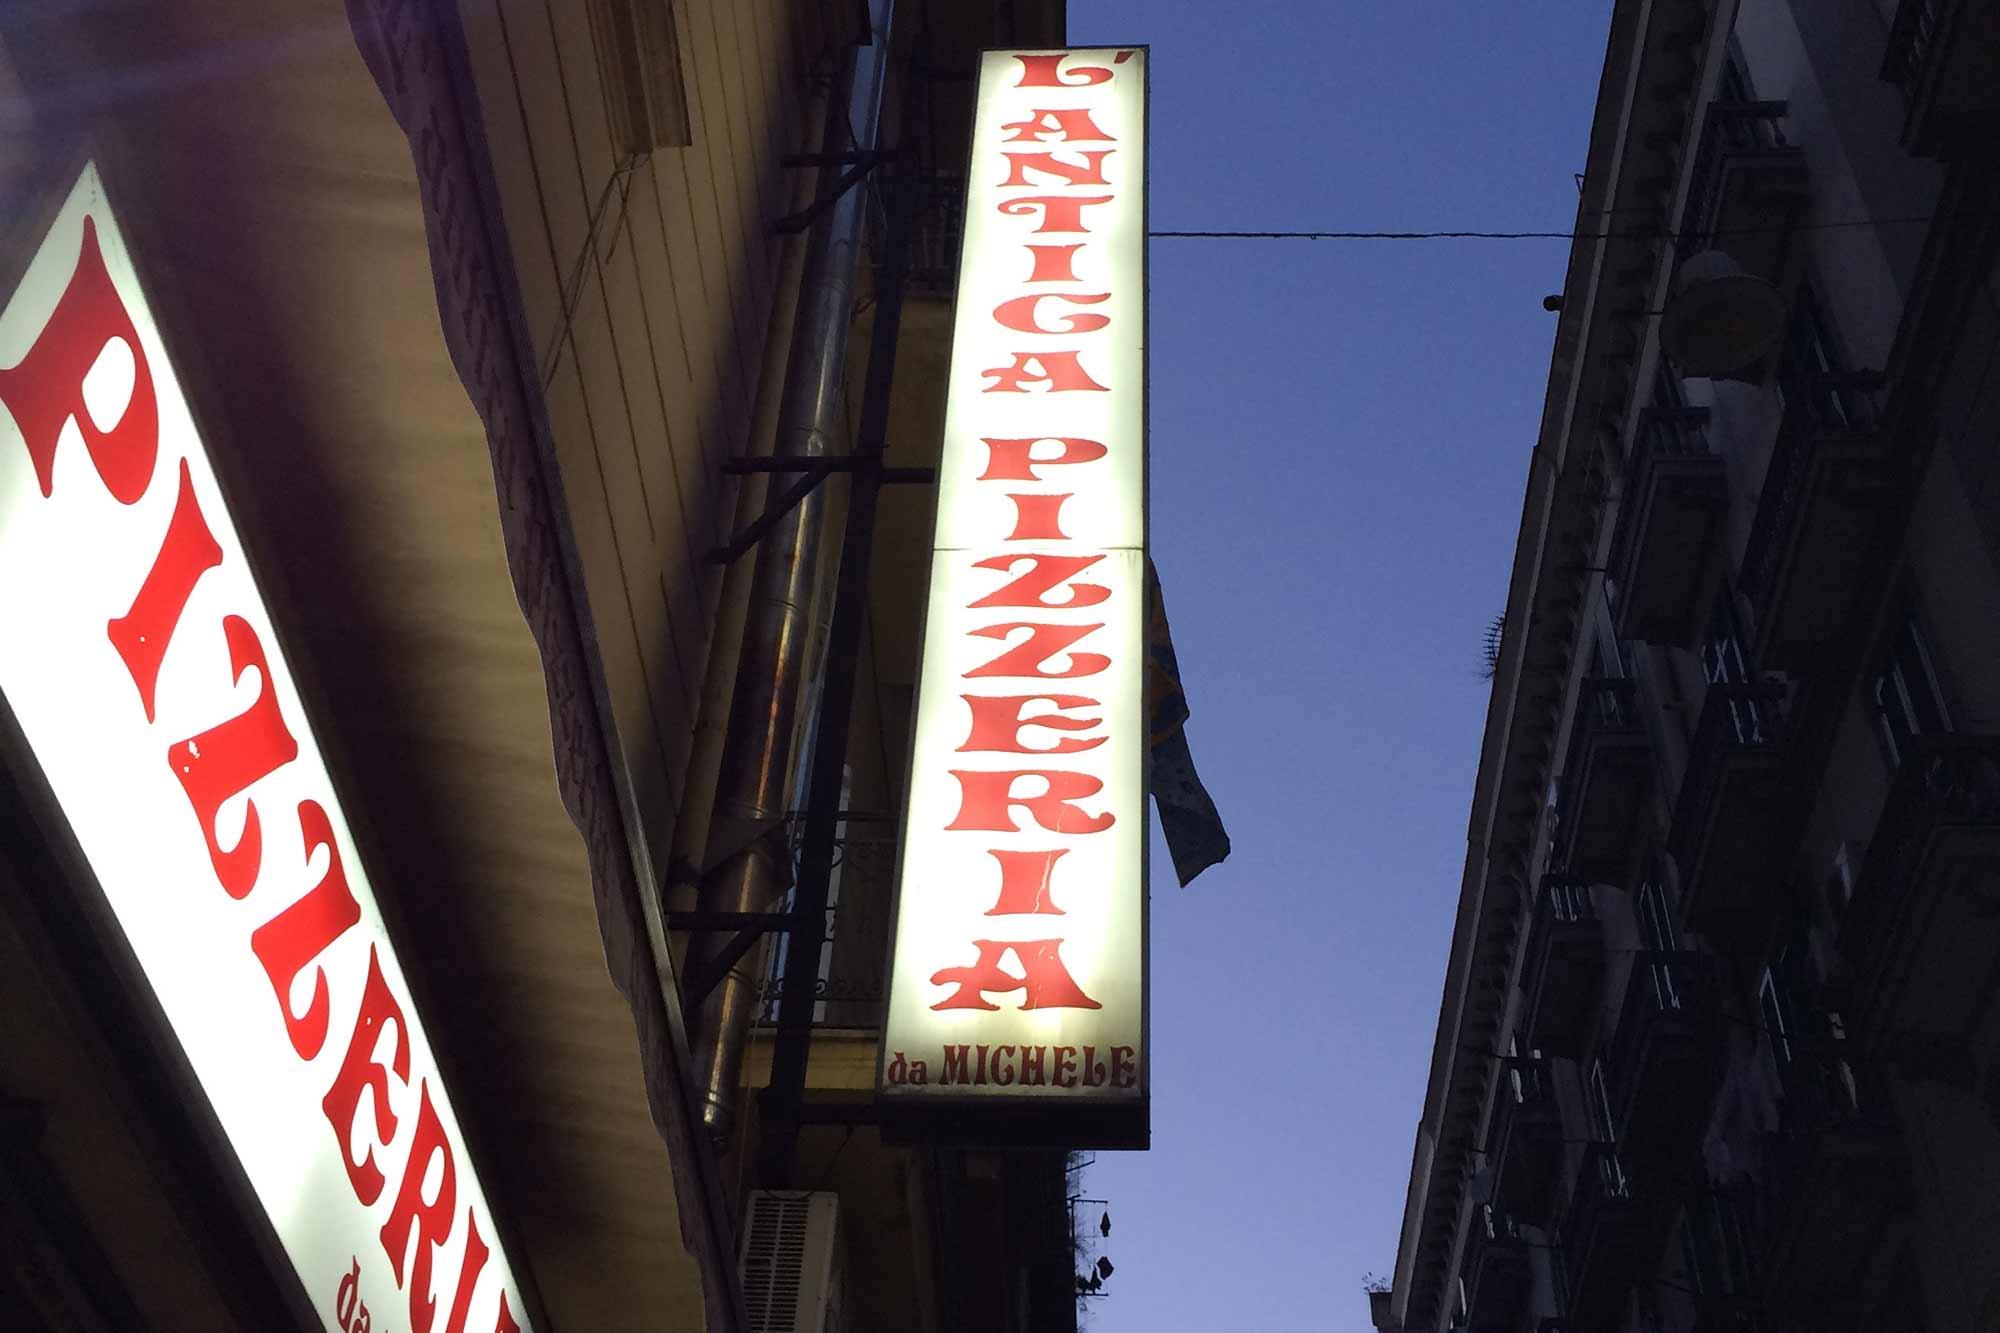 L'Antica Pizzeria da Michele, Neapel. Foto: Lothar Ruttner